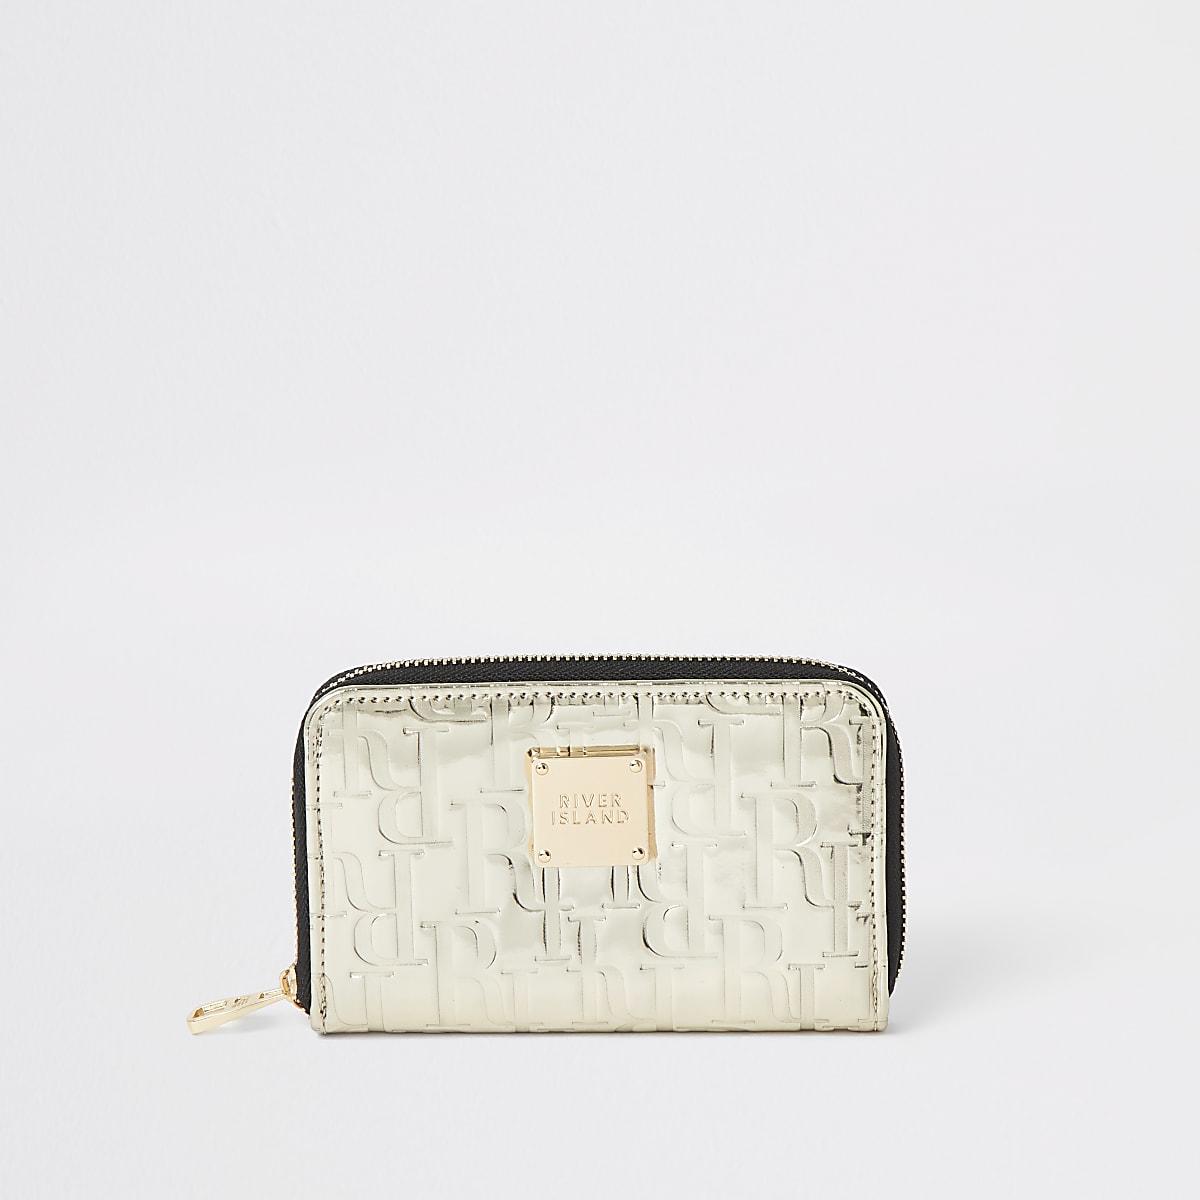 Porte-monnaie doré zippé à logo RI en relief